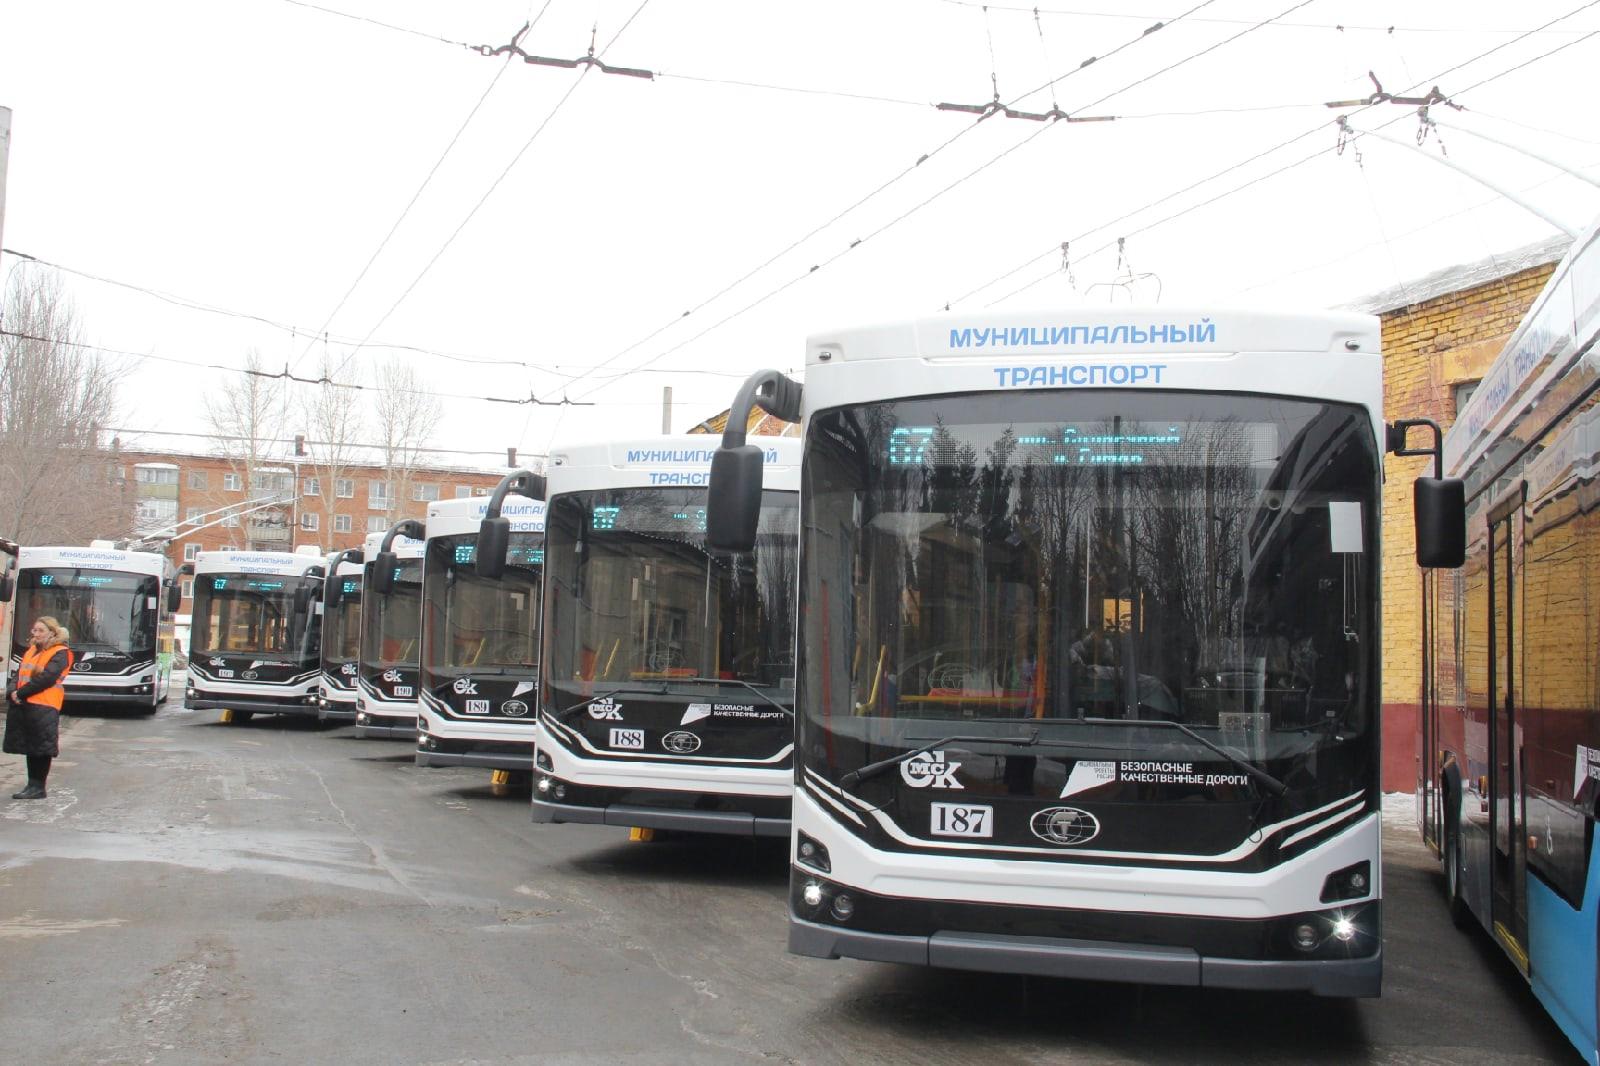 В Омске запустили третий троллейбусный магистральный маршрут #Новости #Общество #Омск